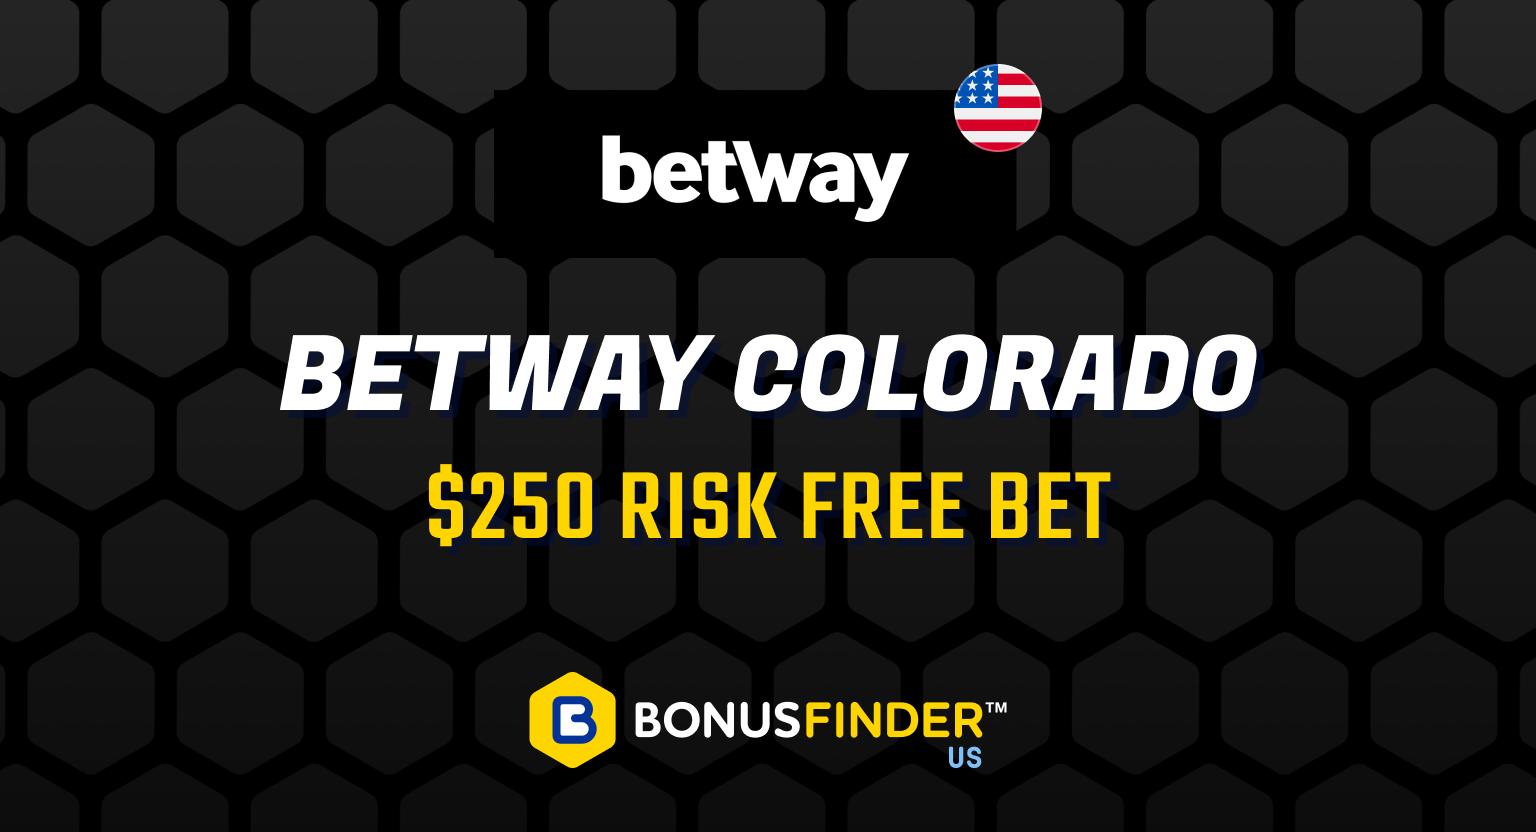 Betway Colorado